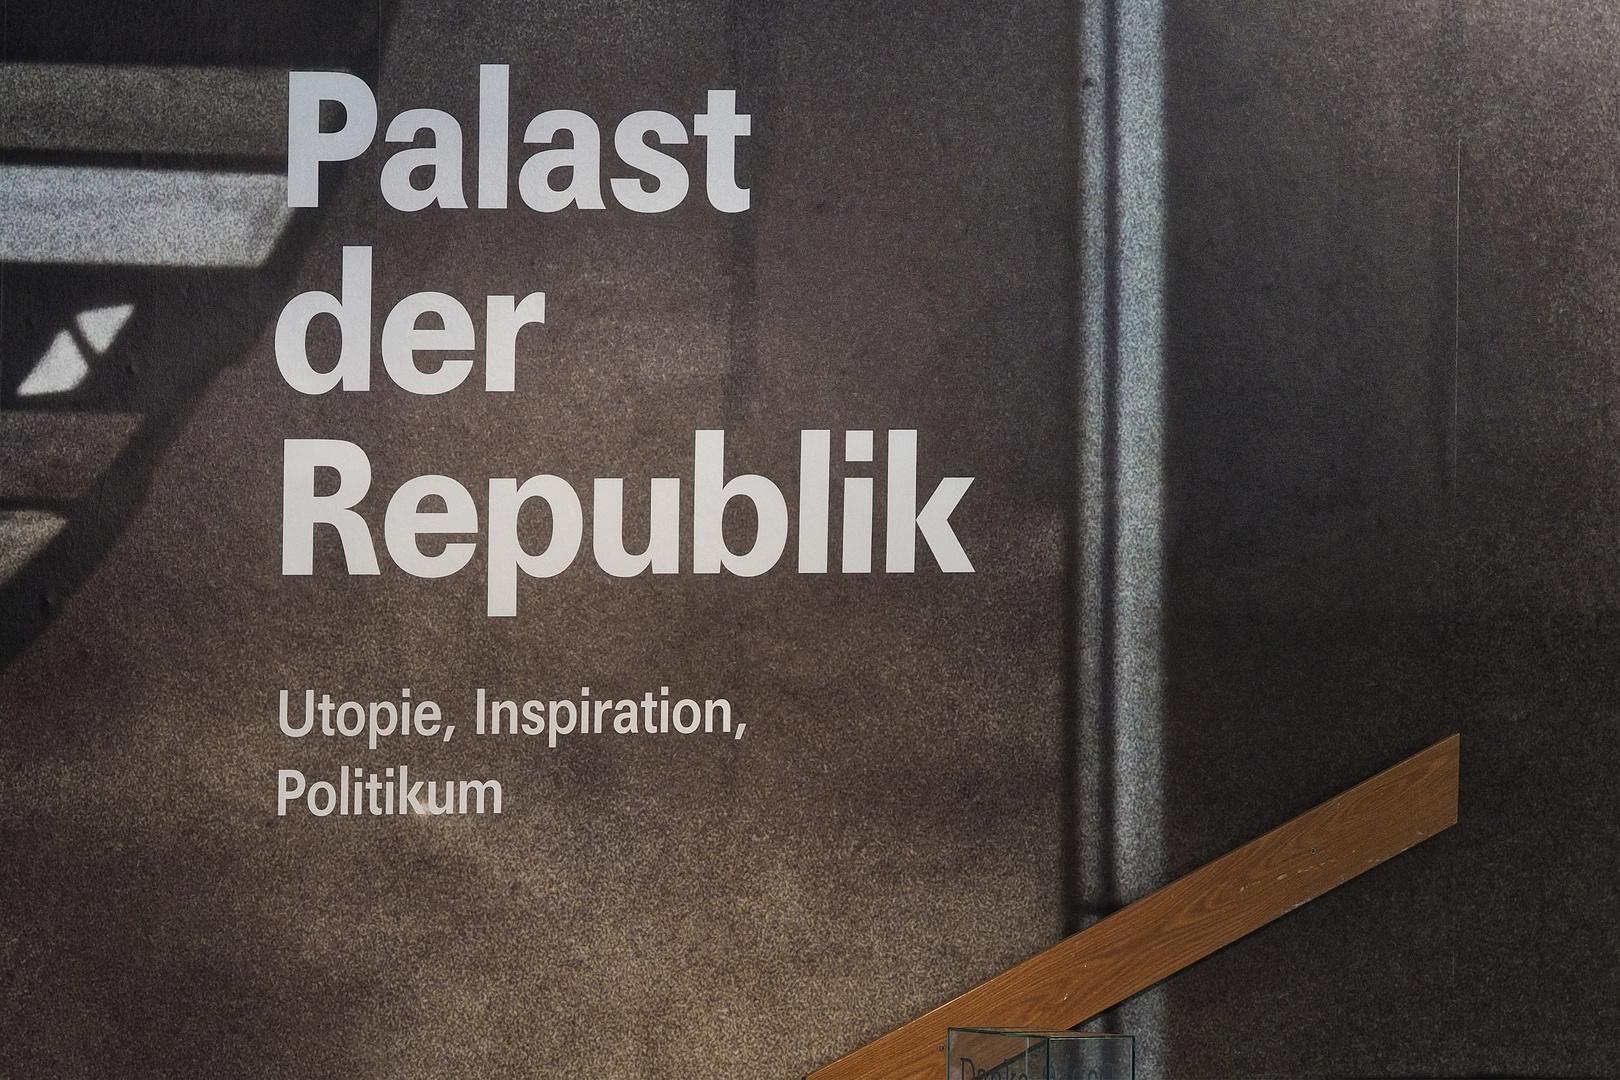 Palast der Republik – Utopie, Inspiration, Politikum (1)